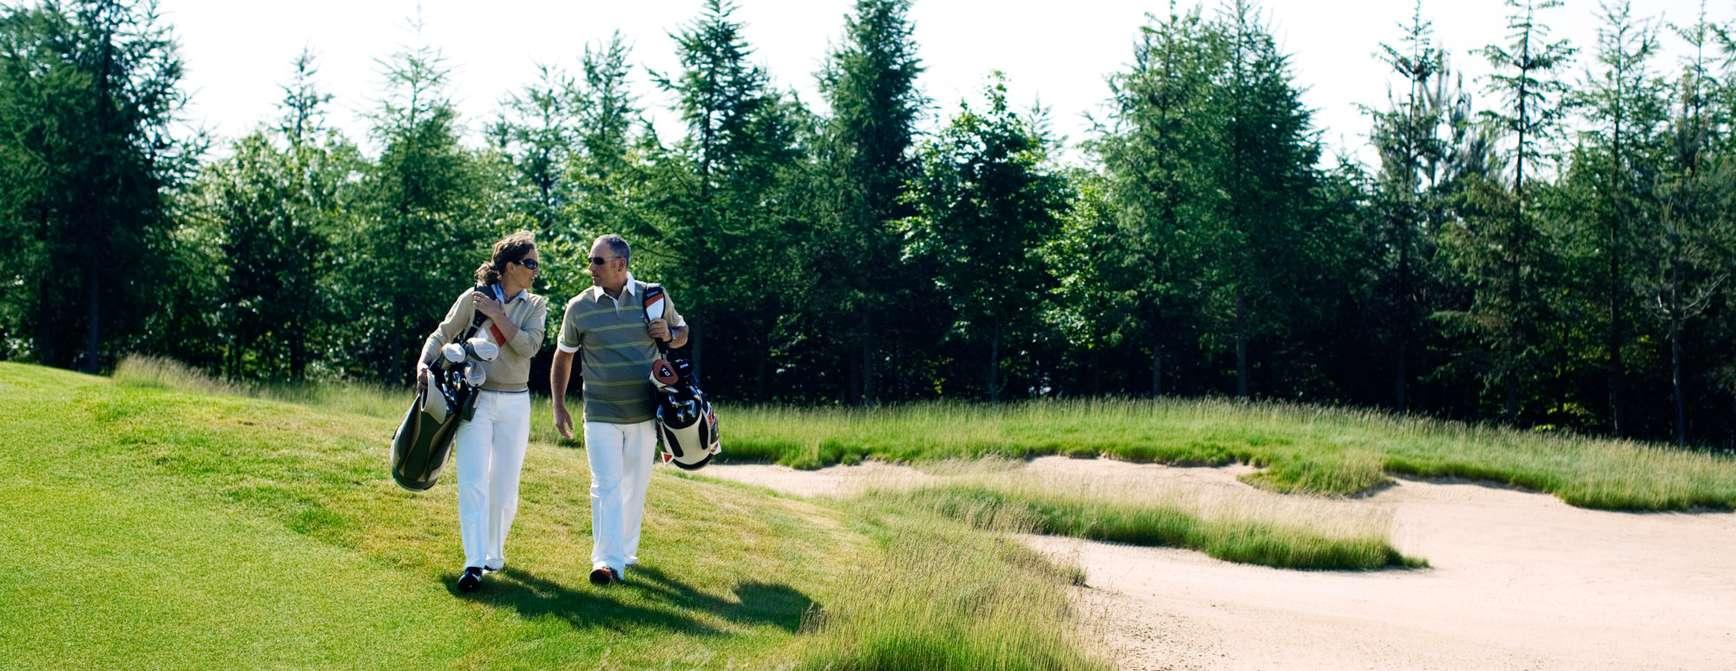 Par nyter en deilig golfrunde ved Kokkedal Slot i Nord Jylland. Foto: Robin Skjoldborg/Visit Denmark